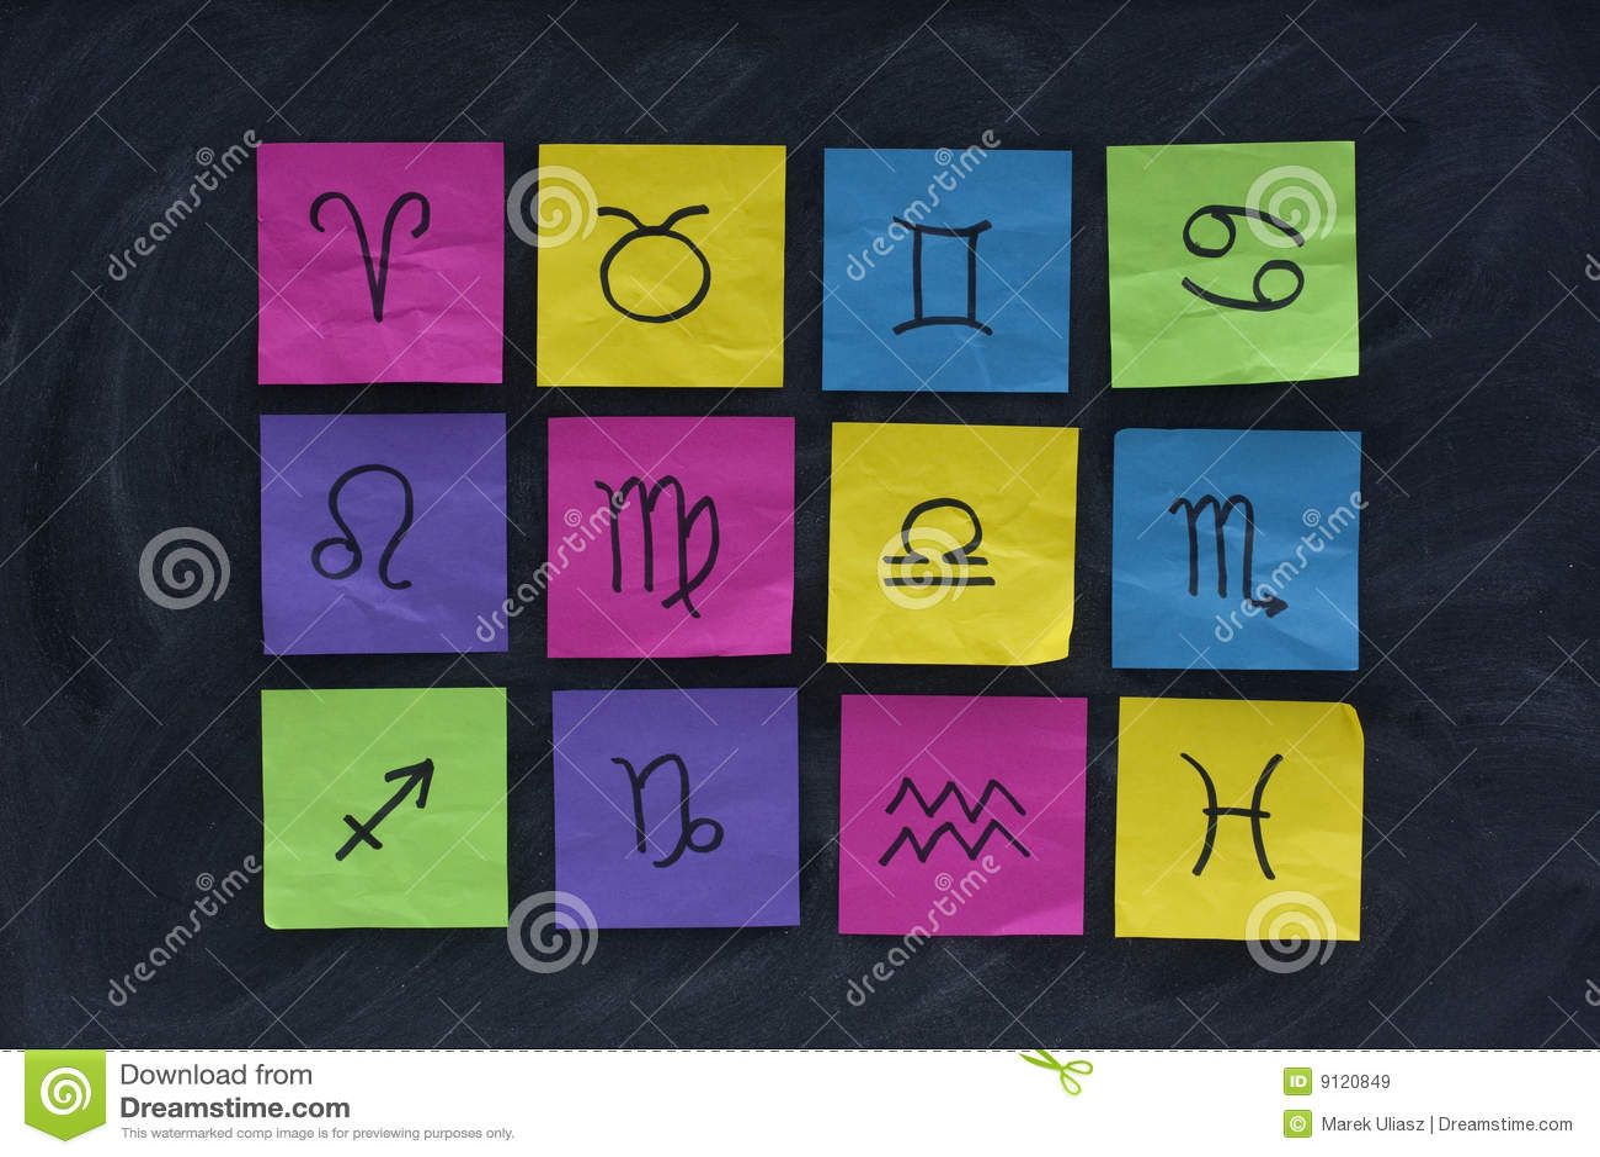 Western zodiac symbols on sticky notes